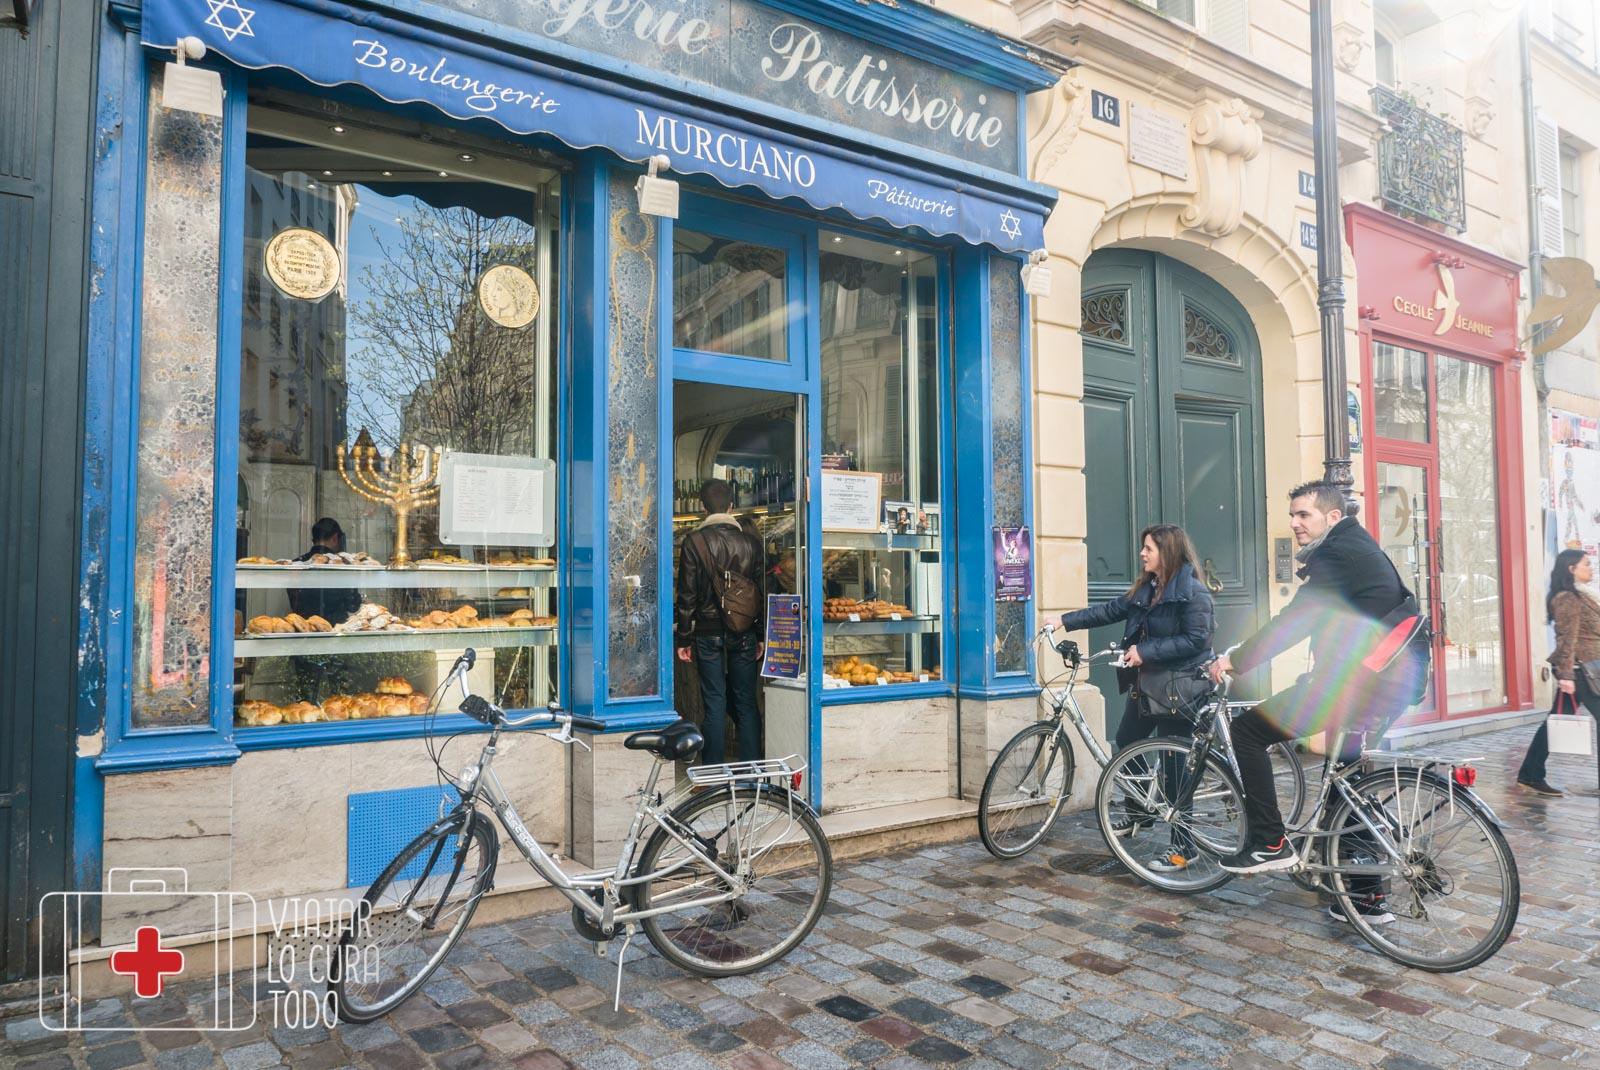 Alquilar una bici en París